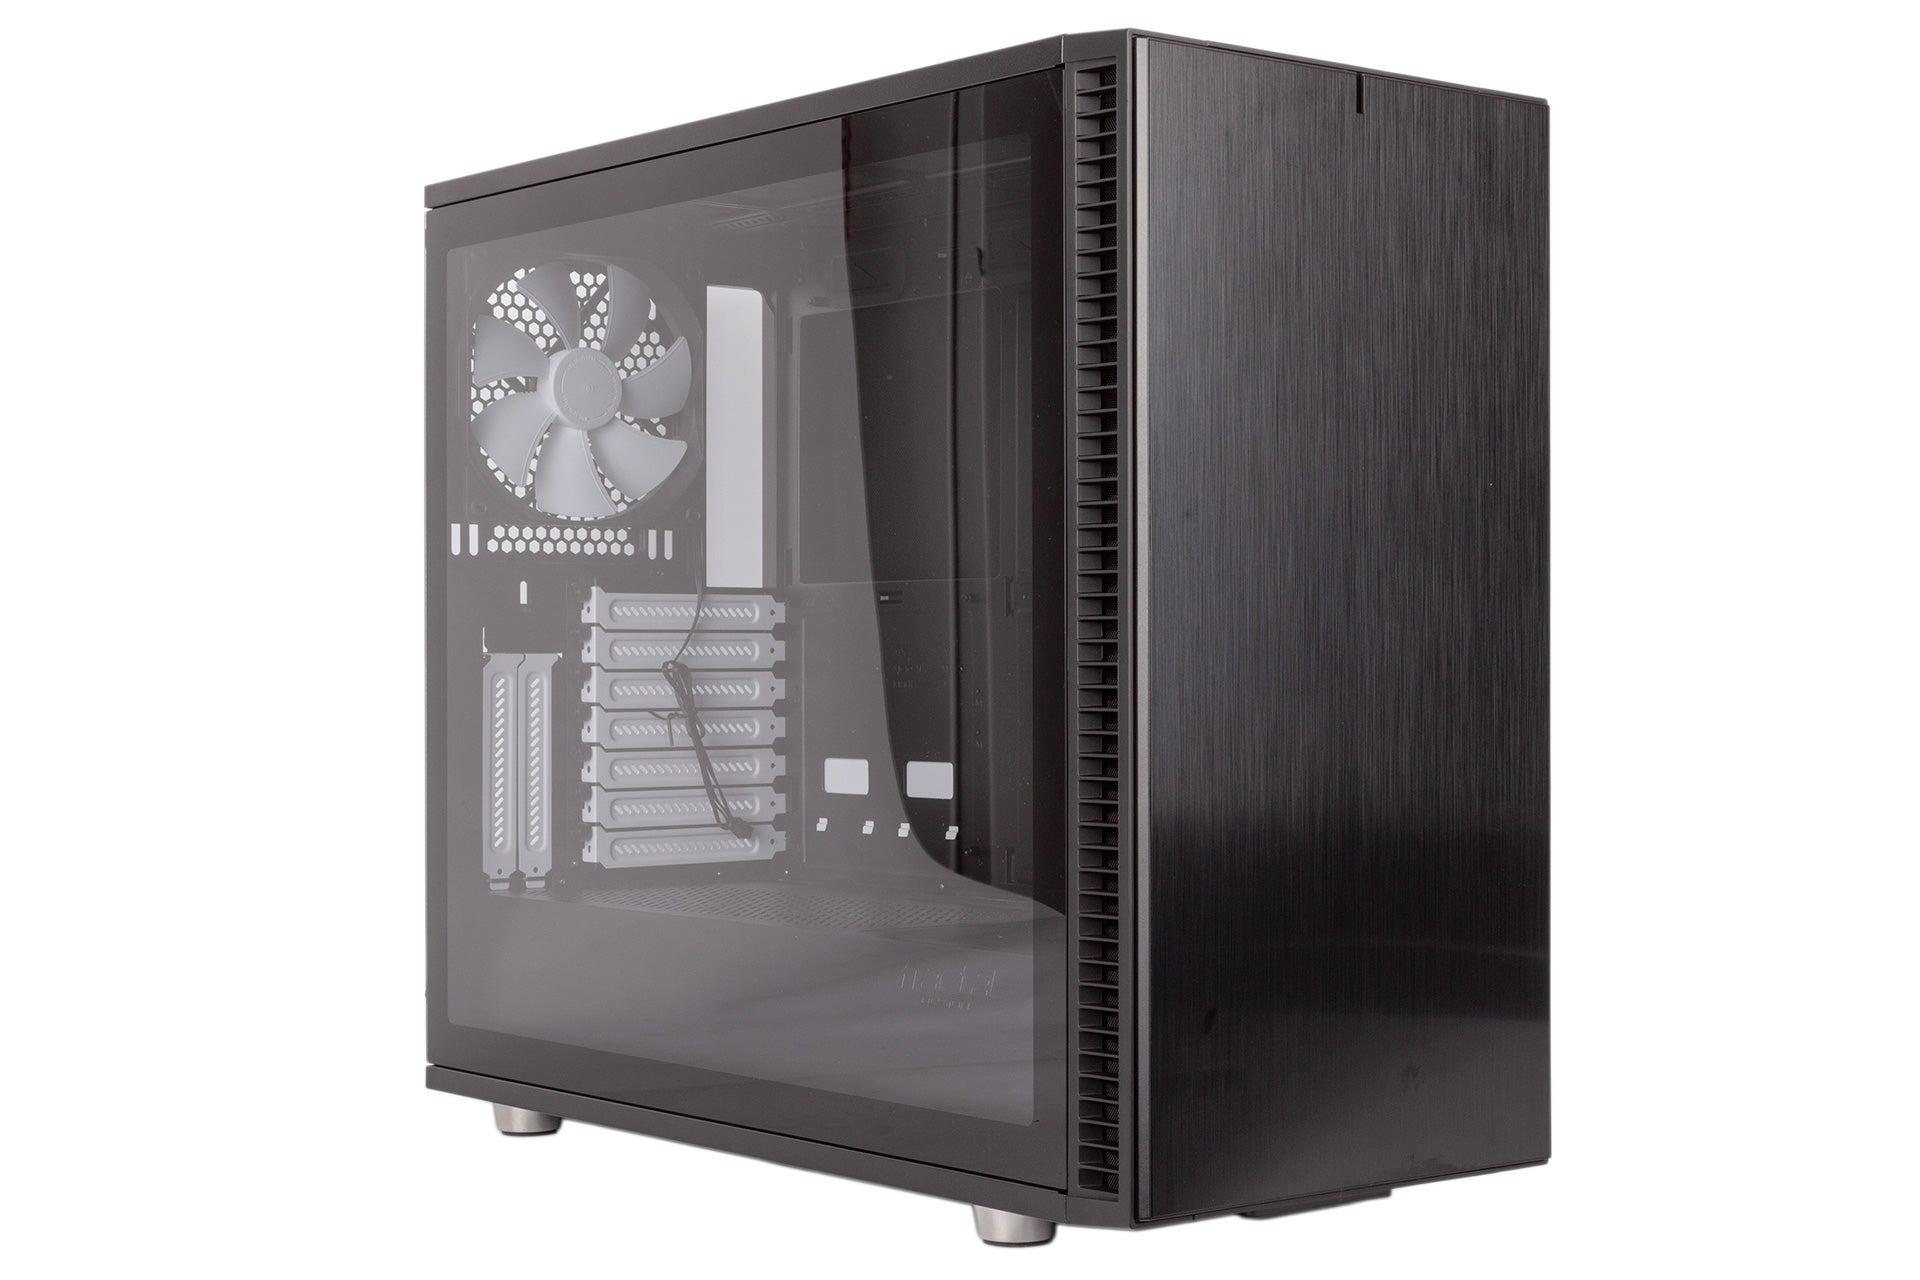 Fractal Design Define S2 TG Mid Tower Computer Case